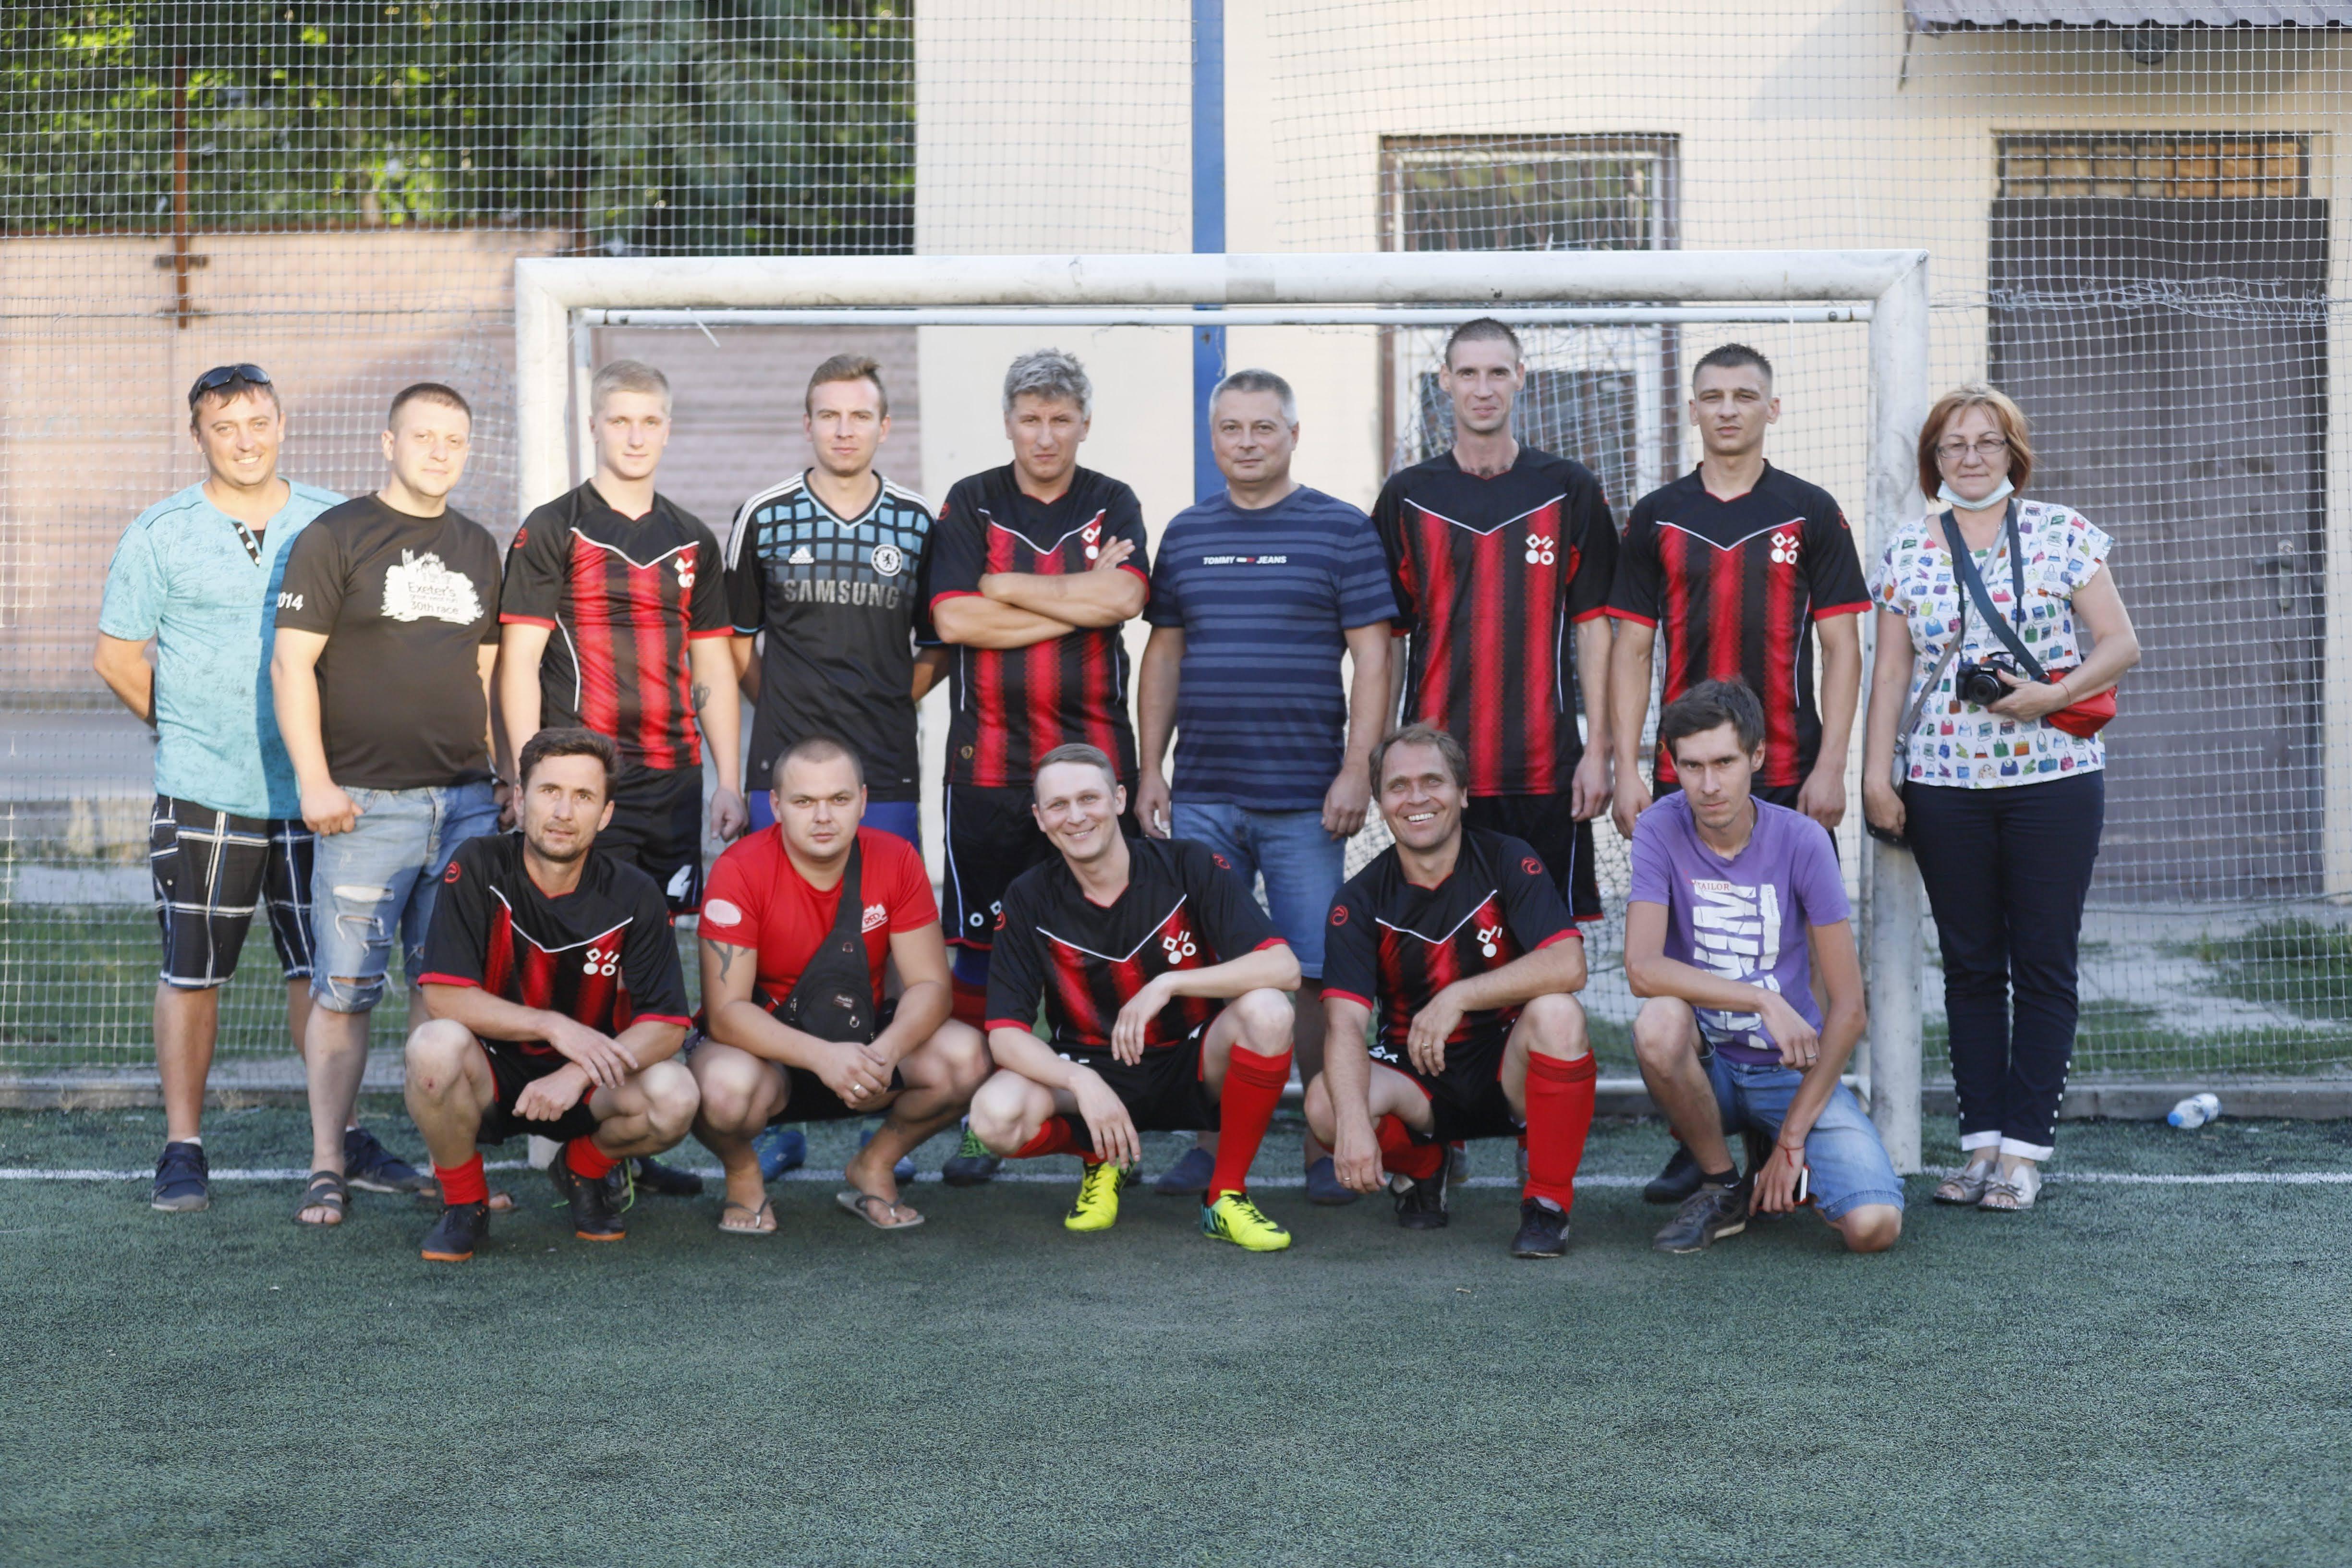 В Днепре прошел футбольный турнир для коммунальщиков. Новости Днепра